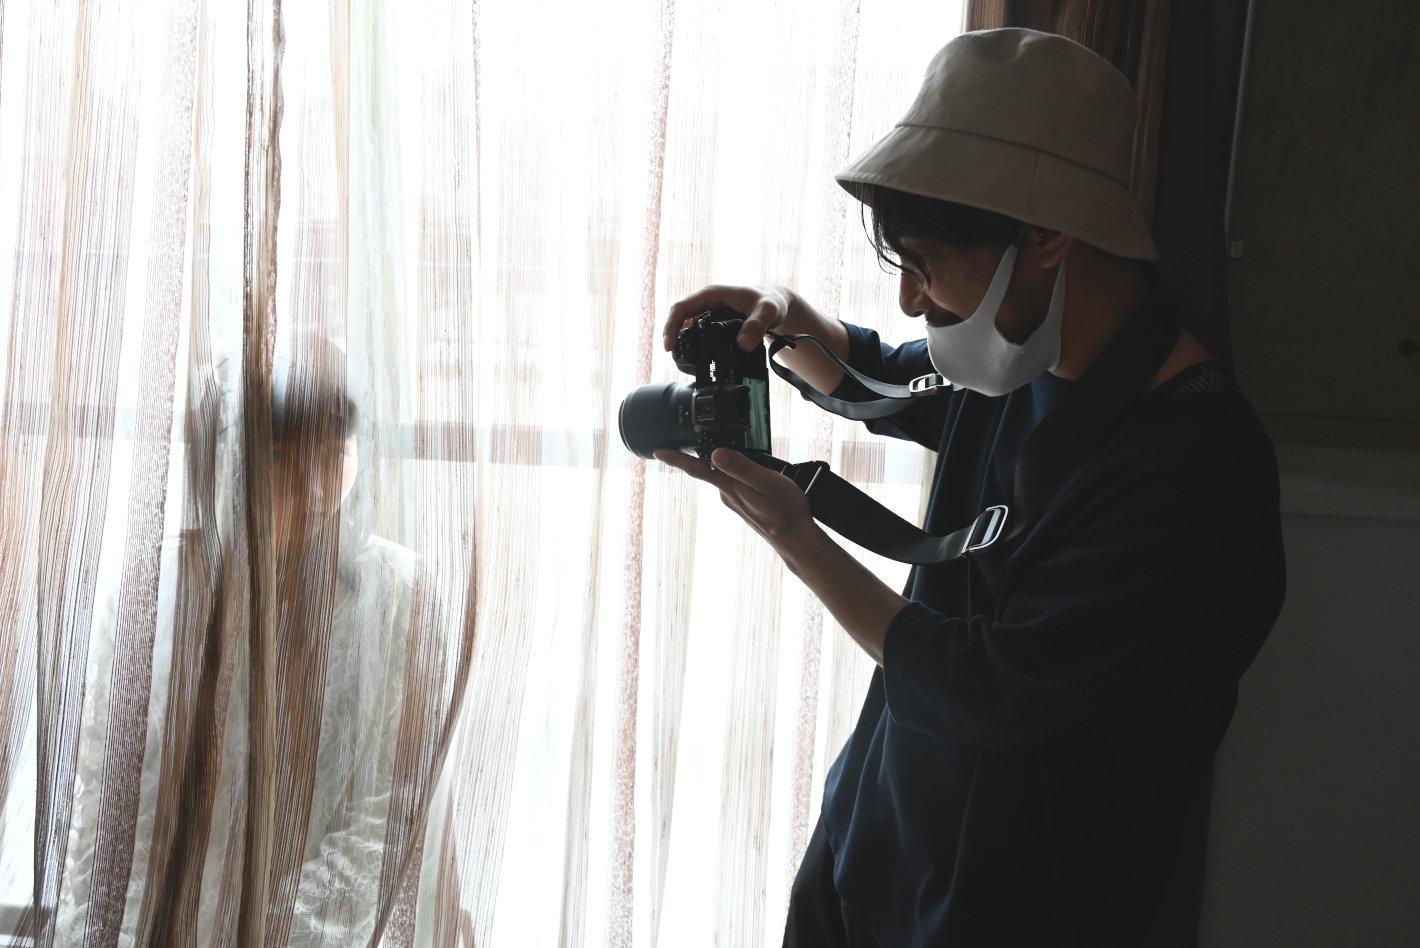 教えてフォトグラファー – 光・露出・構図を意識して魅力的なポートレート写真を撮る1dayフォトレッスン